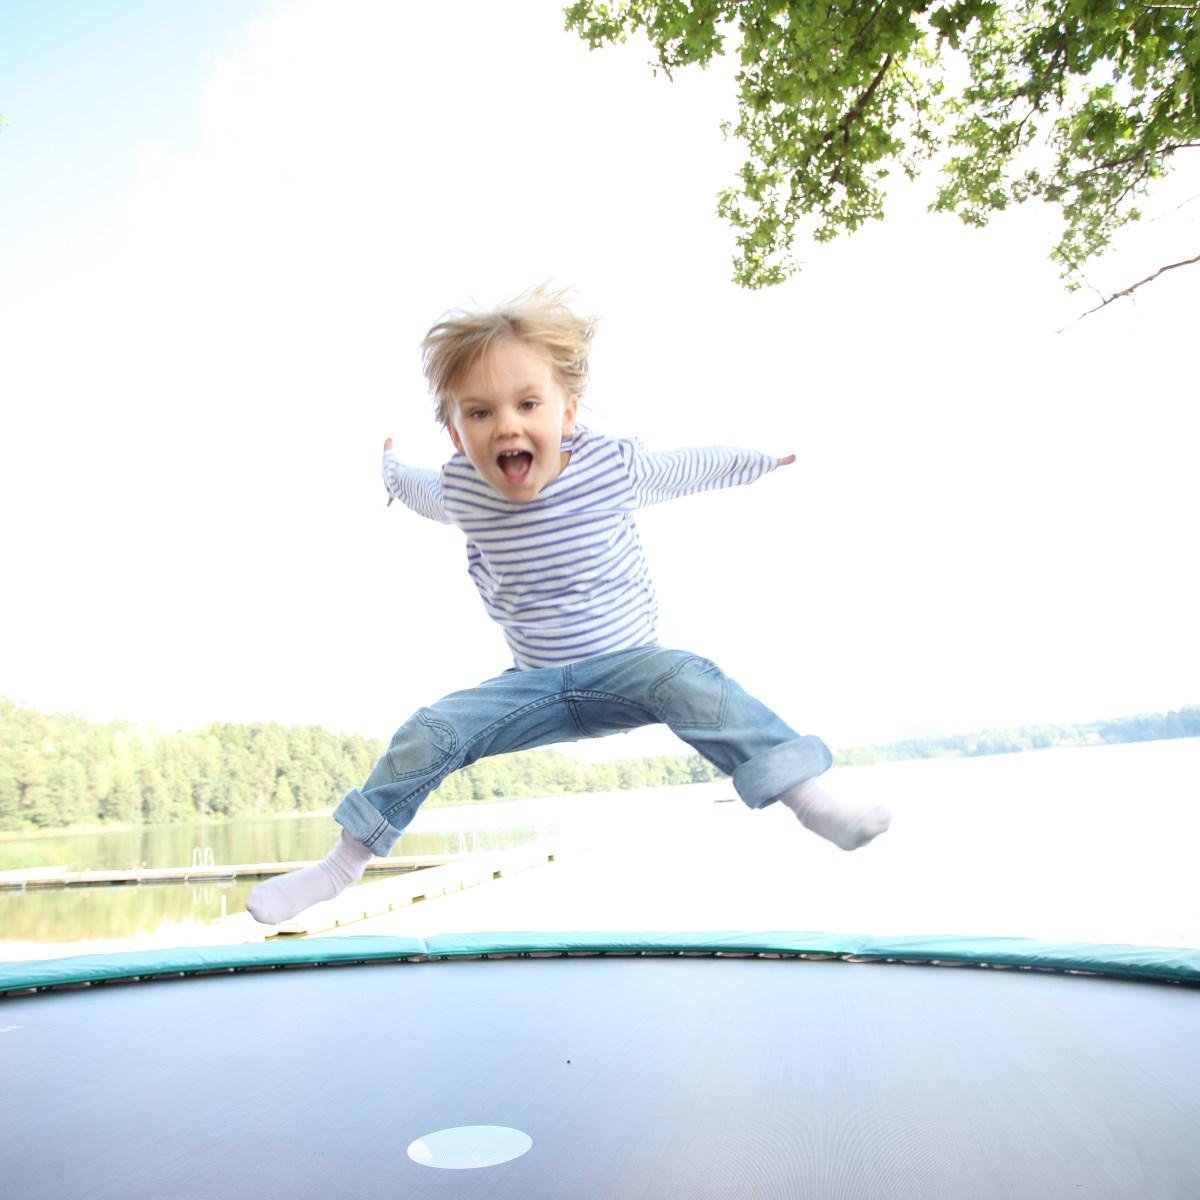 Liten flicka hoppar på studsmatta